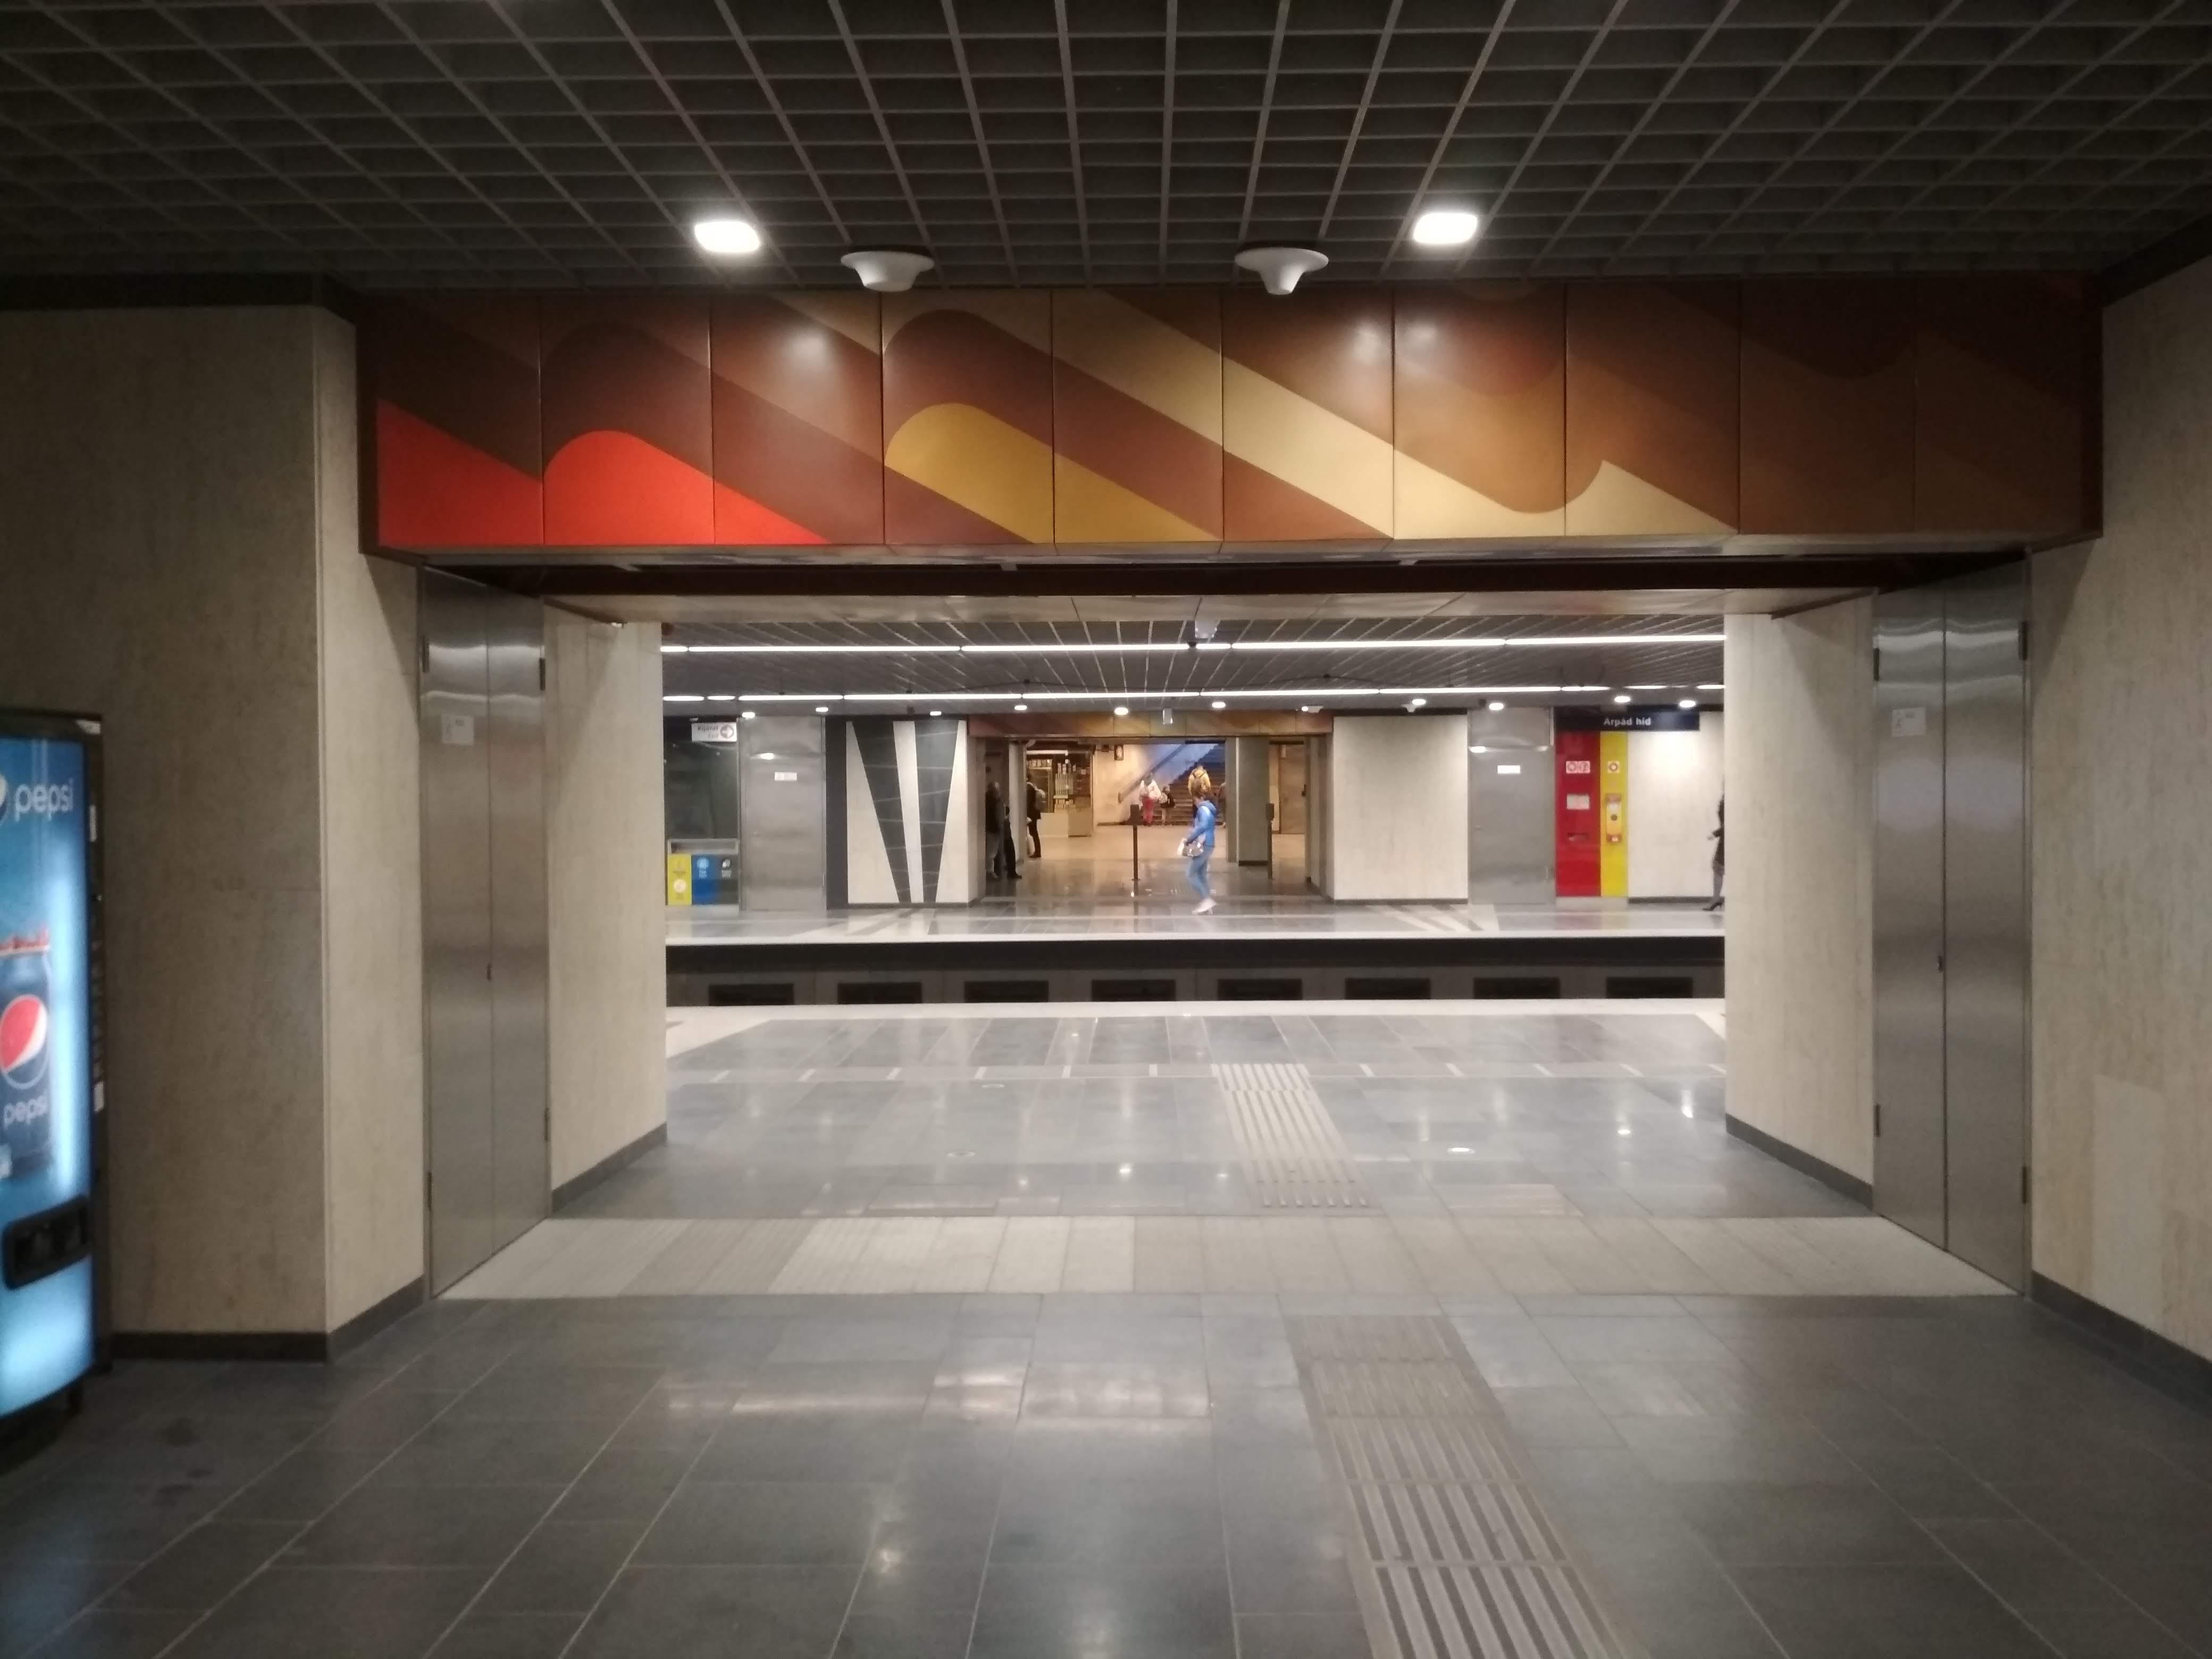 A bejárat fölötti zománcképek megmaradtak és restaurálva lettek. Ennek a látszólag apró gesztusnak köszönhetően sikerült kiemelni és megmenteni az 1984-ben átadott állomás egy értékes elemét.